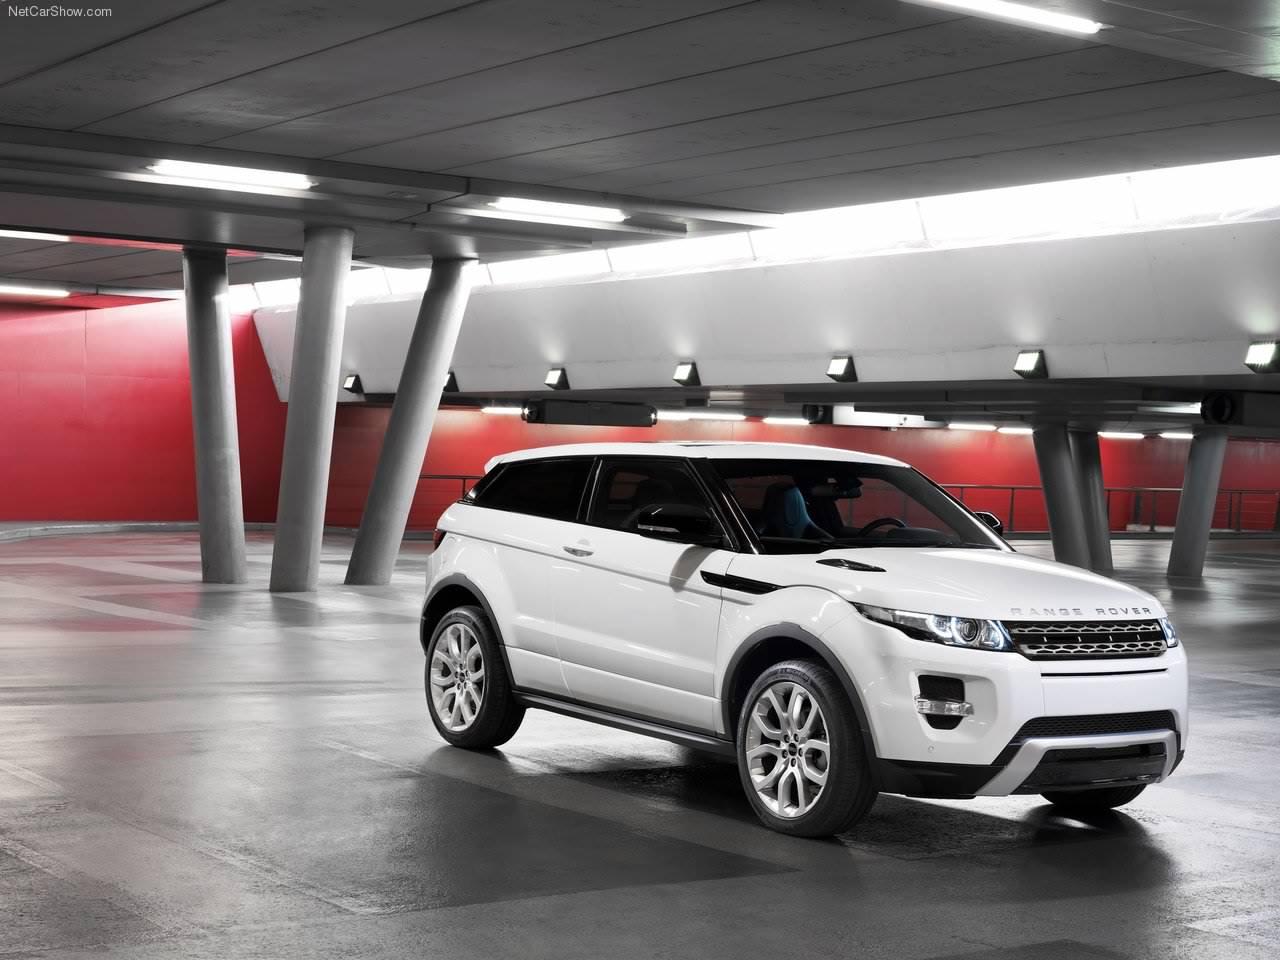 http://1.bp.blogspot.com/_lsyt_wQ2awY/TJsS82s41uI/AAAAAAACFQw/5OO-spLEXtw/s1600/Land_Rover-Range_Rover_Evoque_2011_1280x960_wallpaper_03.jpg